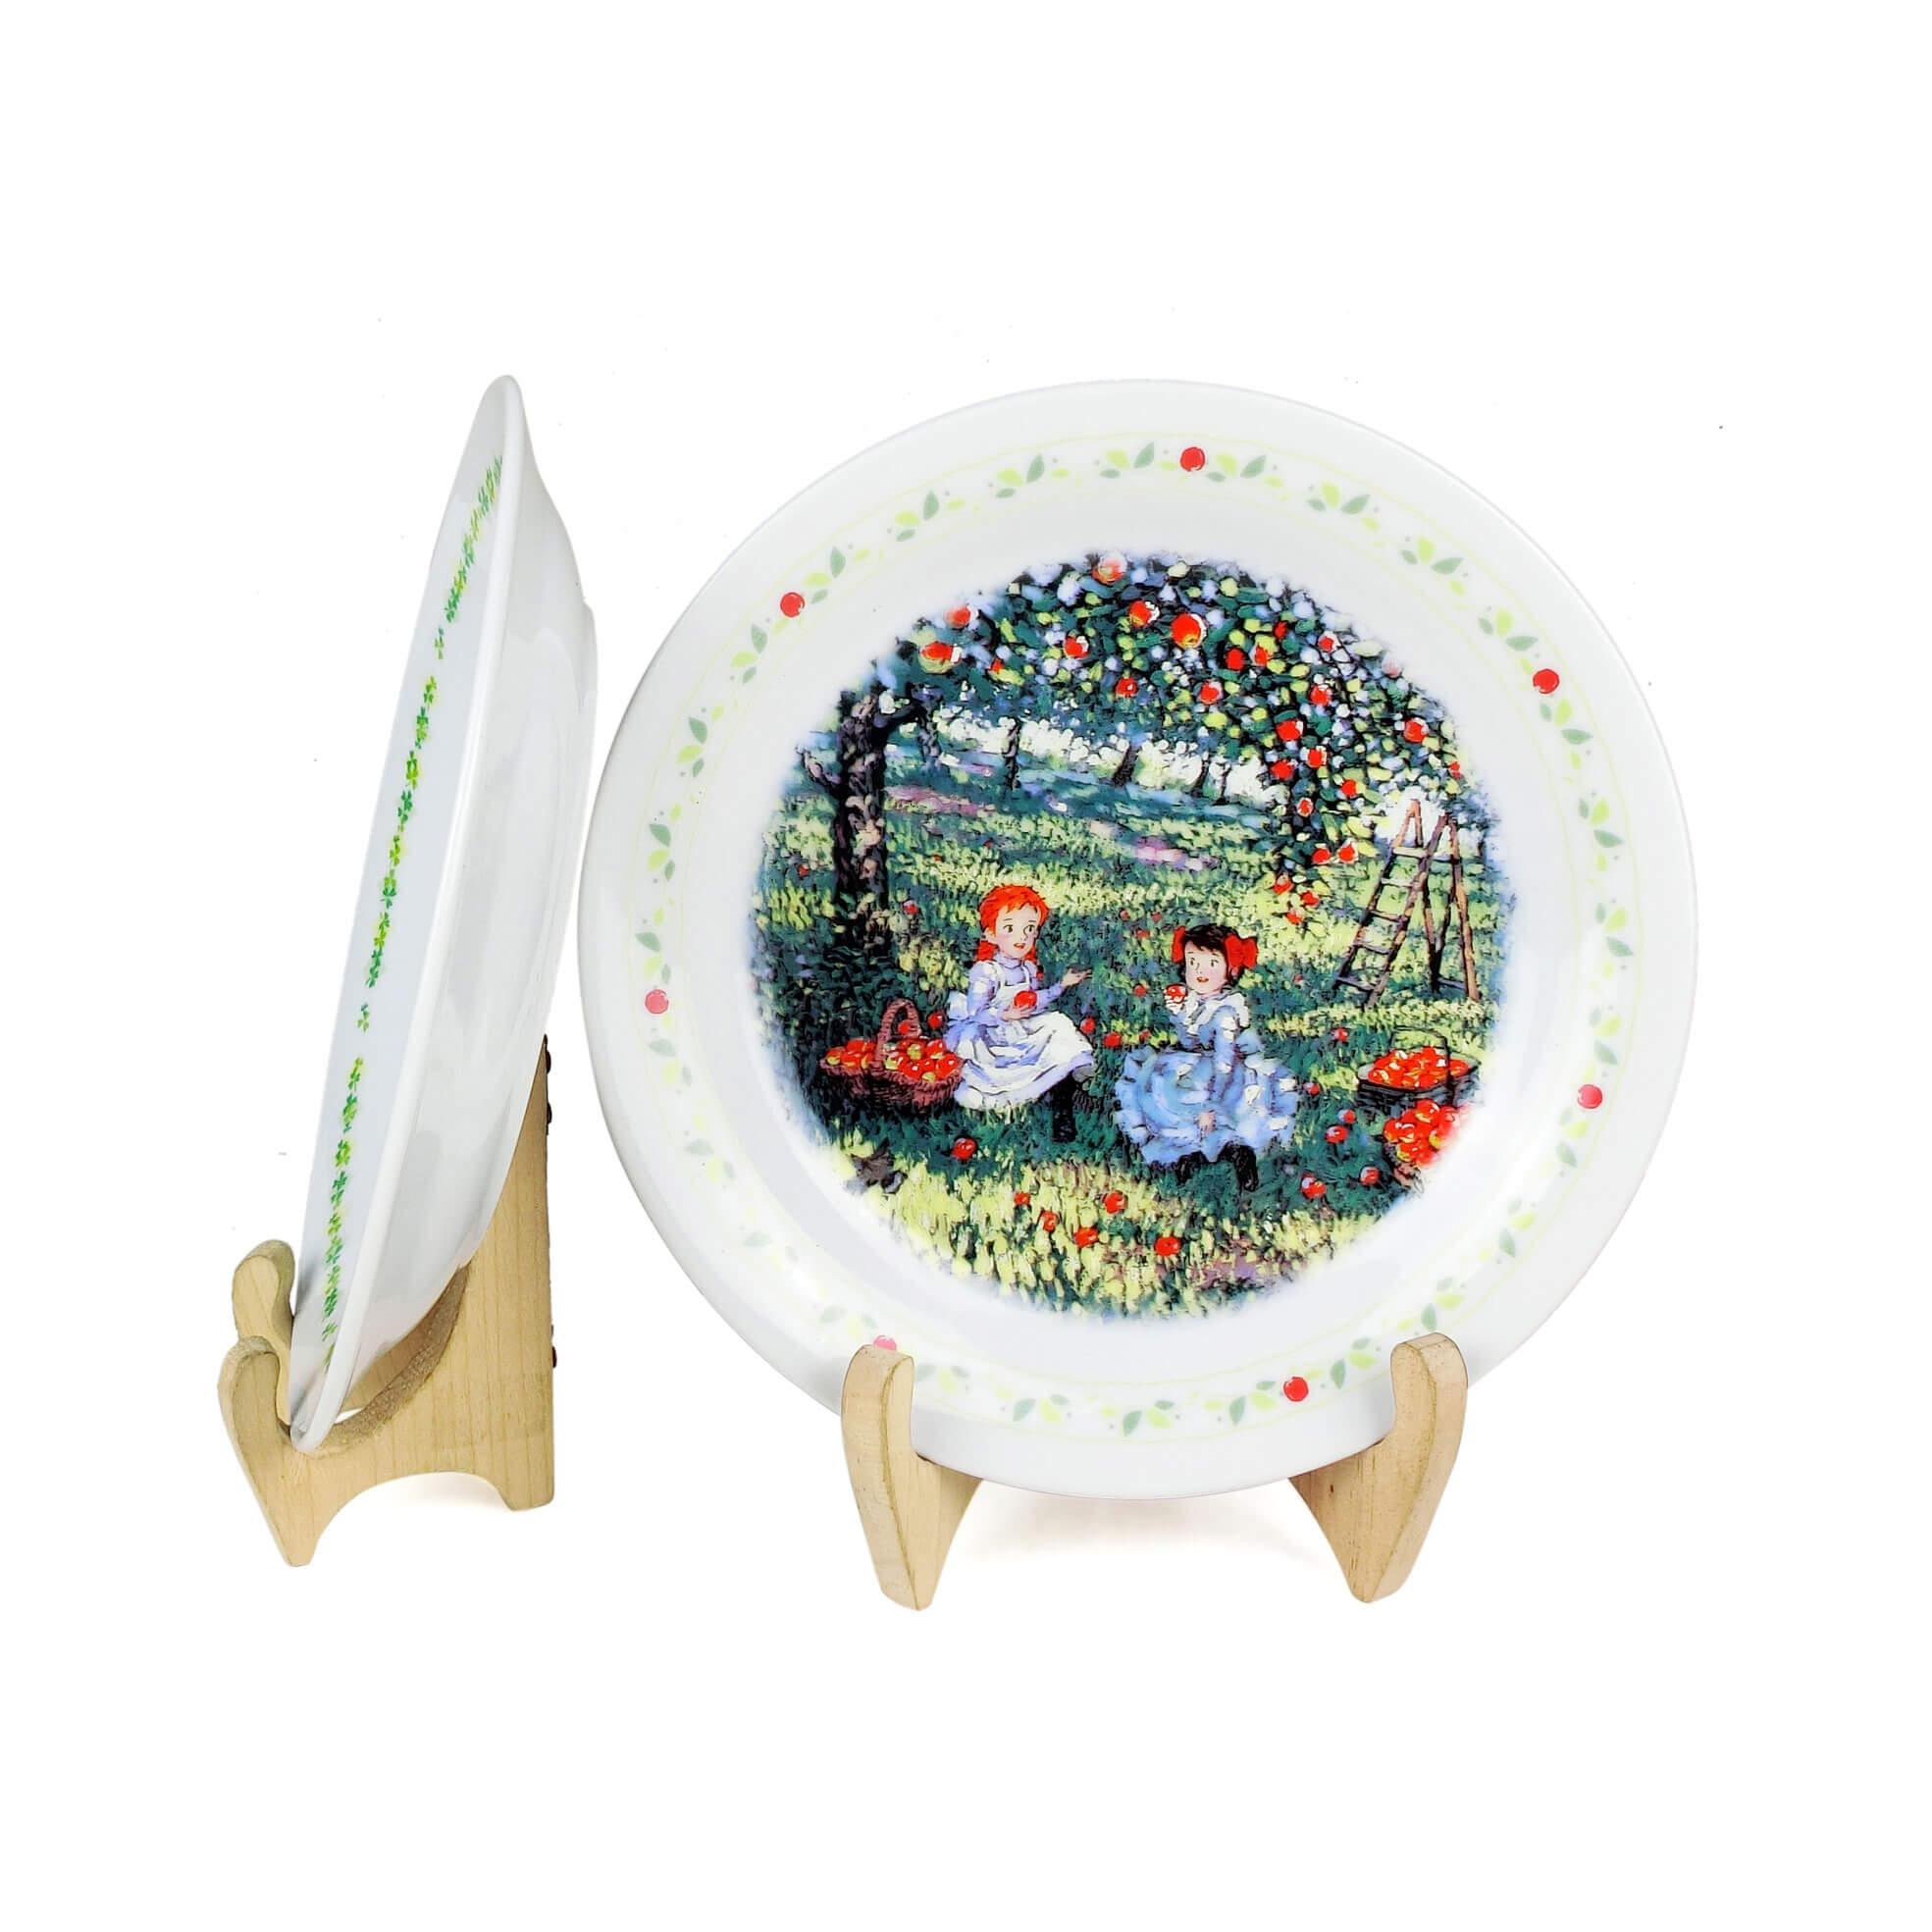 Cặp Dĩa Sứ Anne Of Green Gables Có Triện - Nhật - 18 x 2 cm - 533592